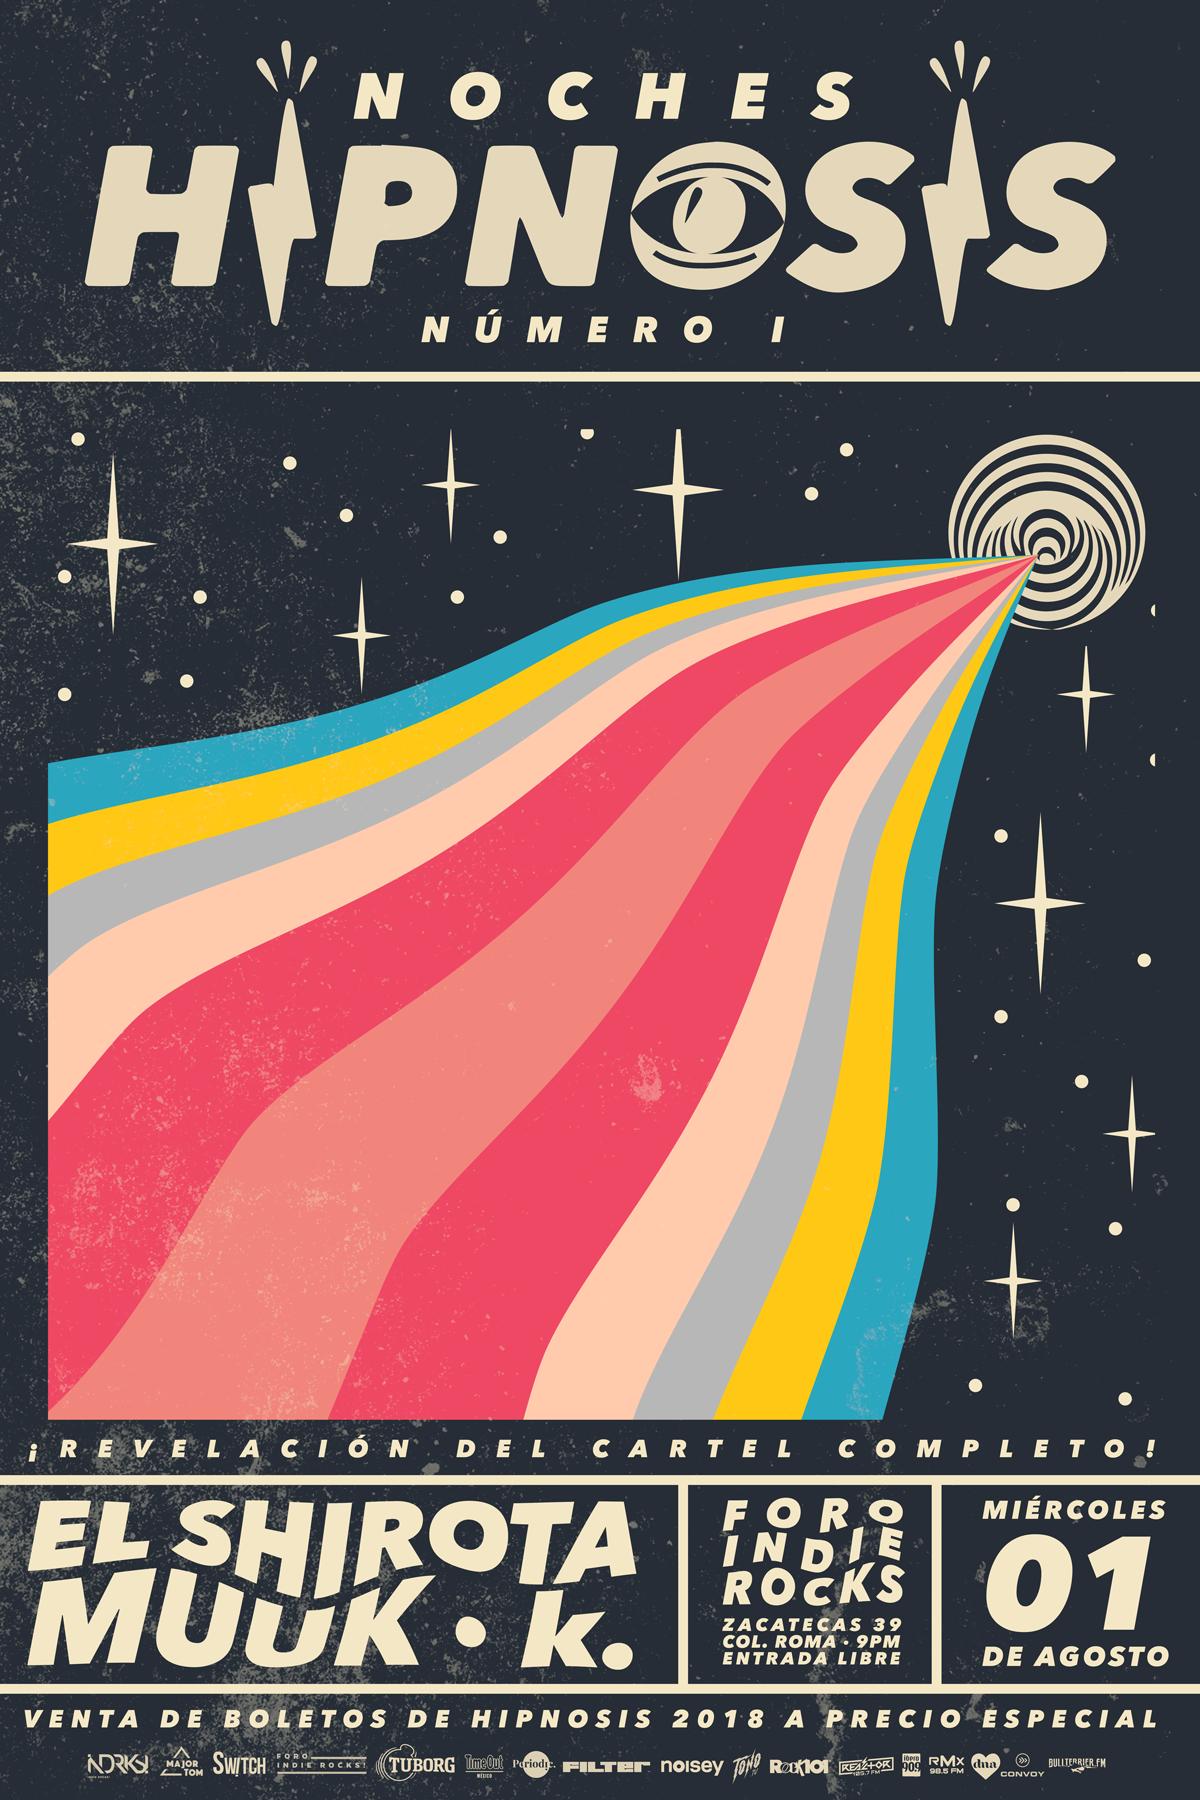 NOCHES HIPNOSIS 01. ESPERA LA REVELACIÓN DEL CARTEL COMPLETO